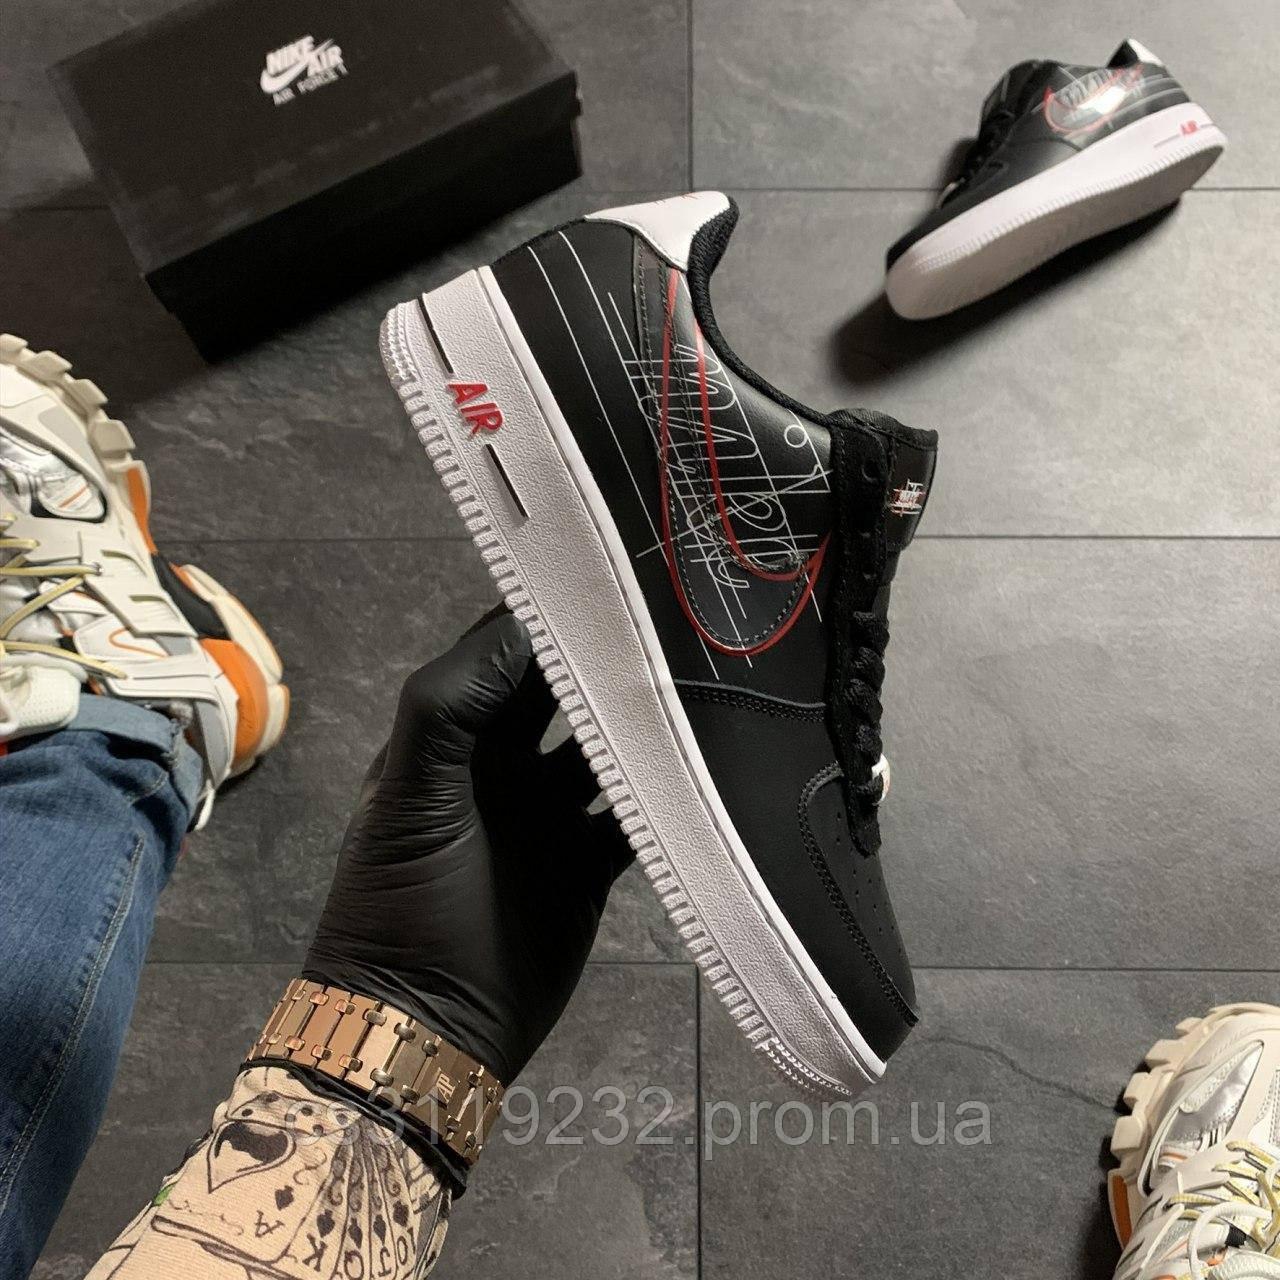 Жіночі кросівки Nike Air Force 1 Black Red White (чорні)